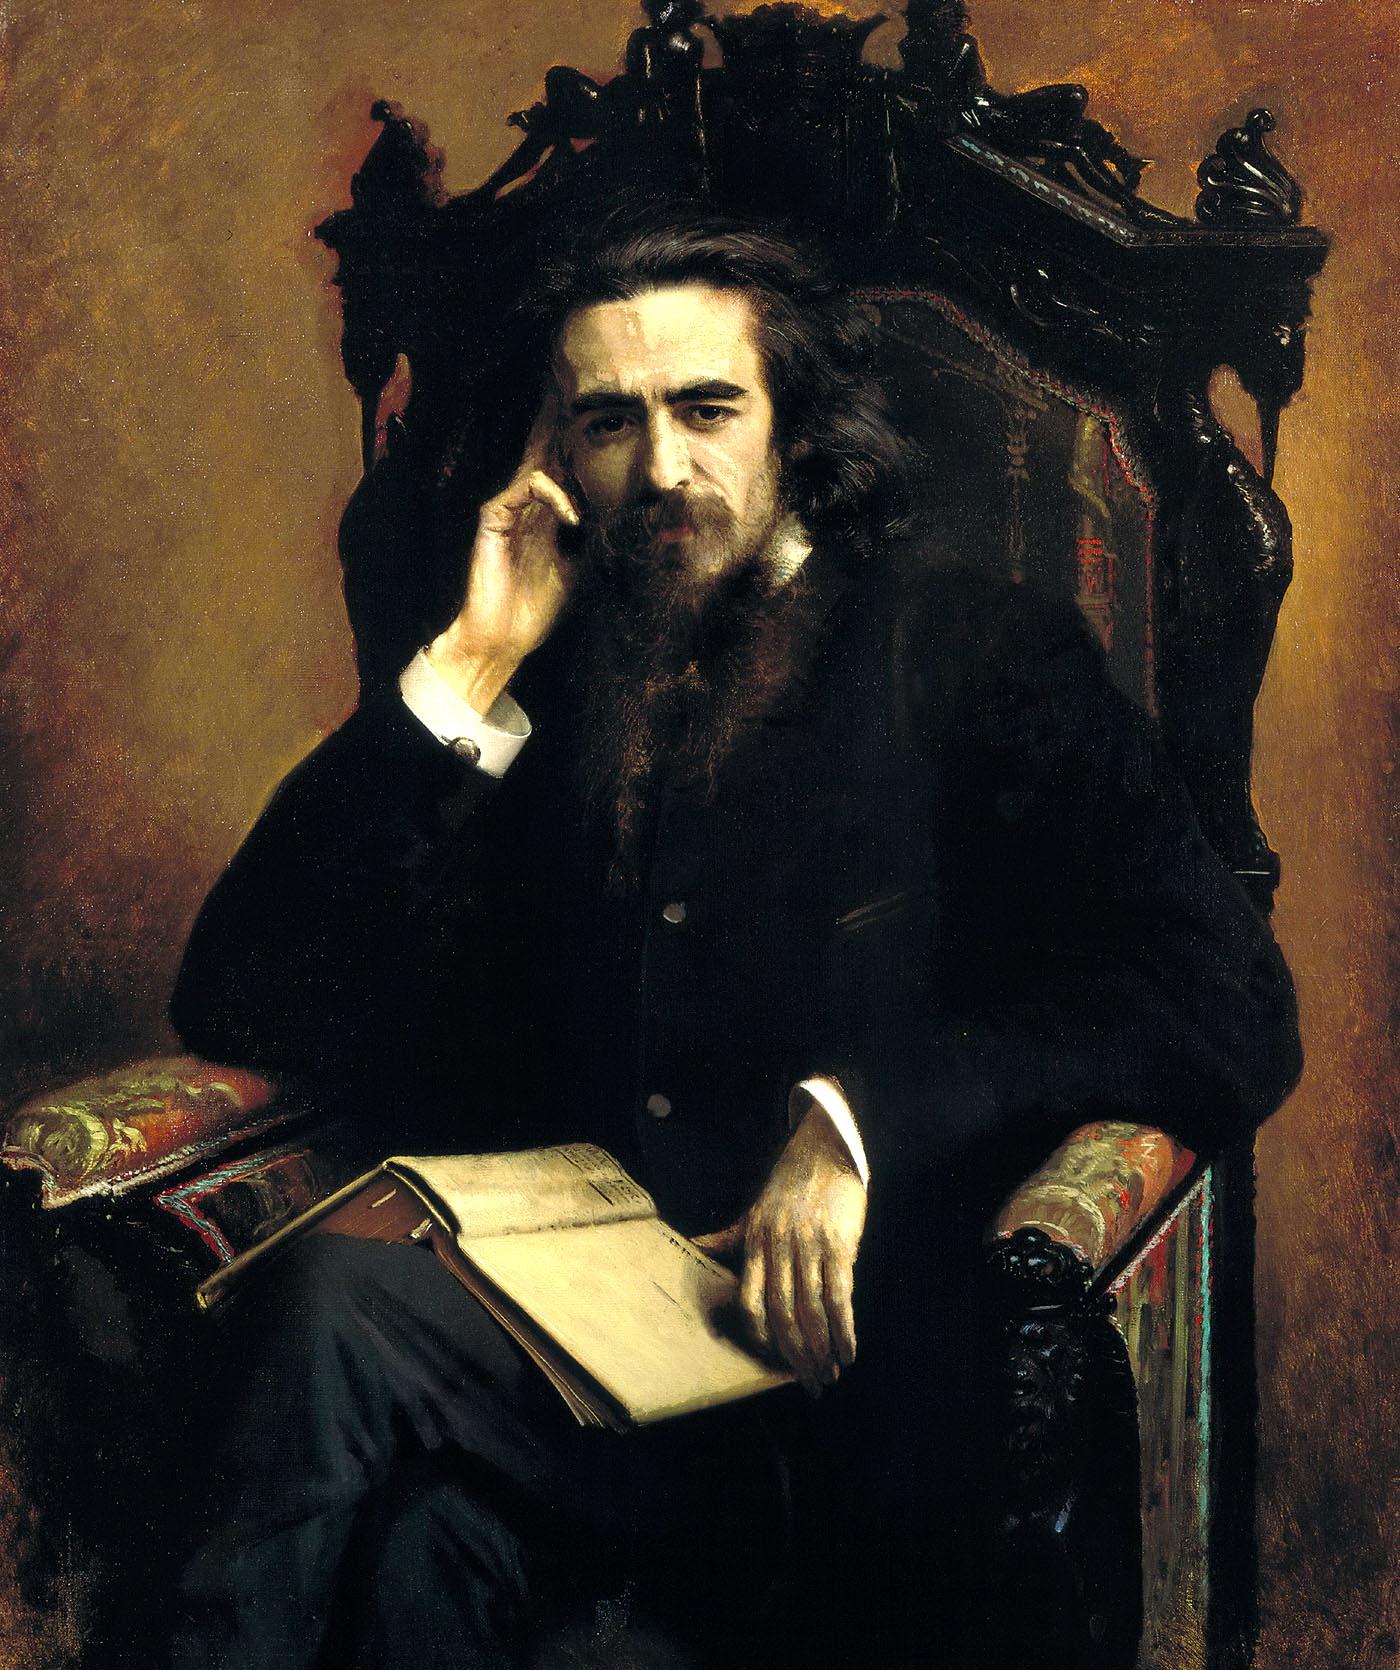 https://upload.wikimedia.org/wikipedia/commons/d/d5/Vladimir-Solovyov.jpg